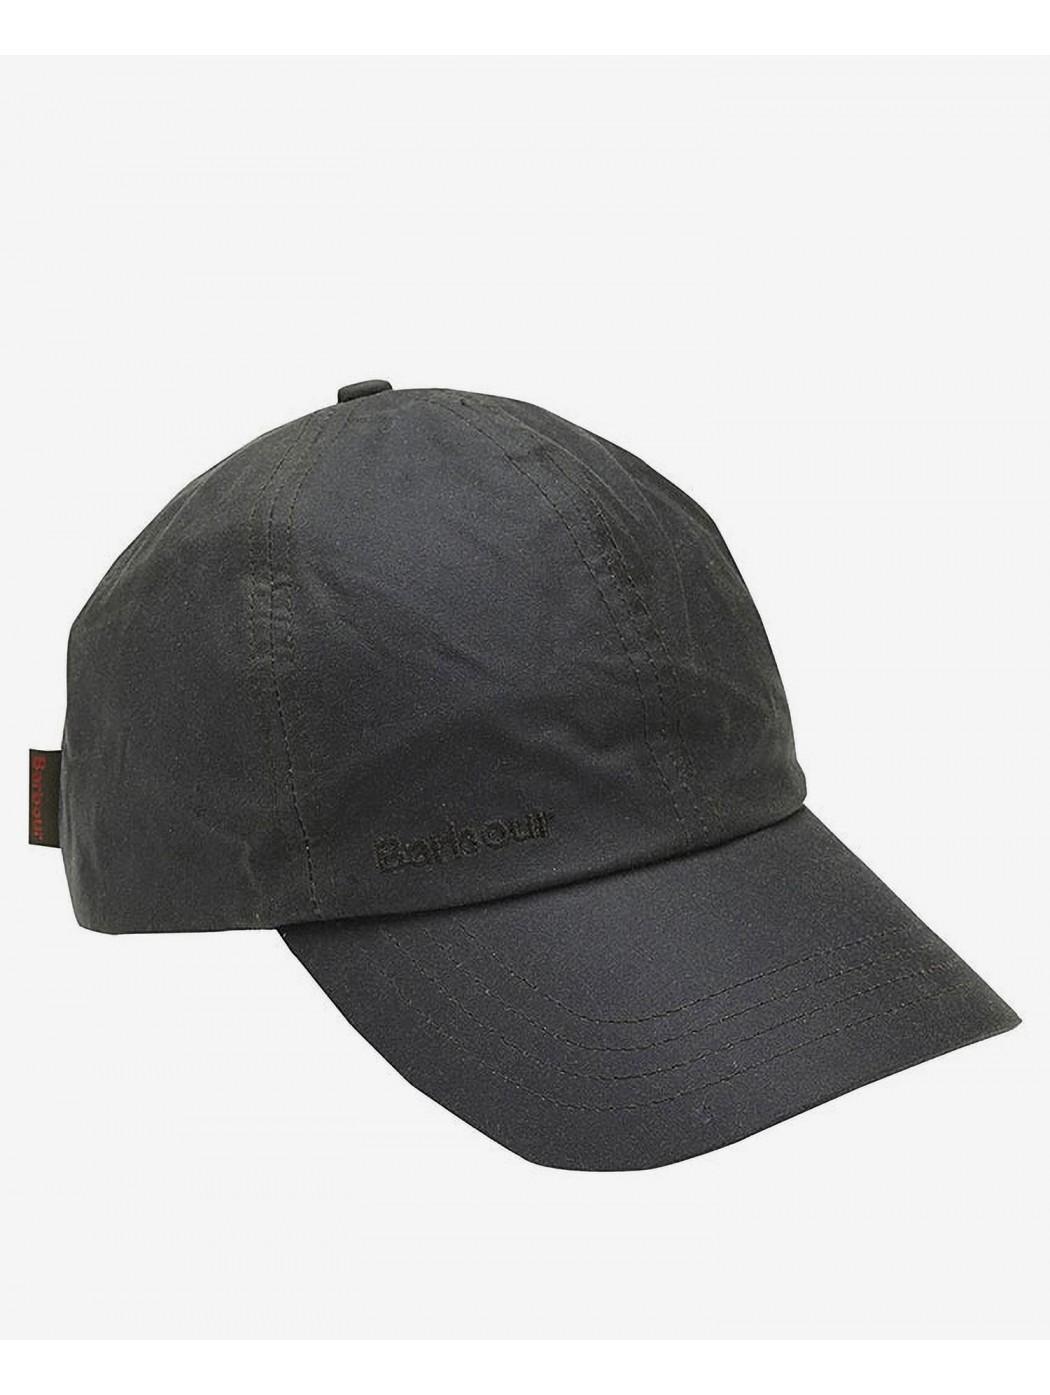 WAX SPORT CAP  BARBOUR